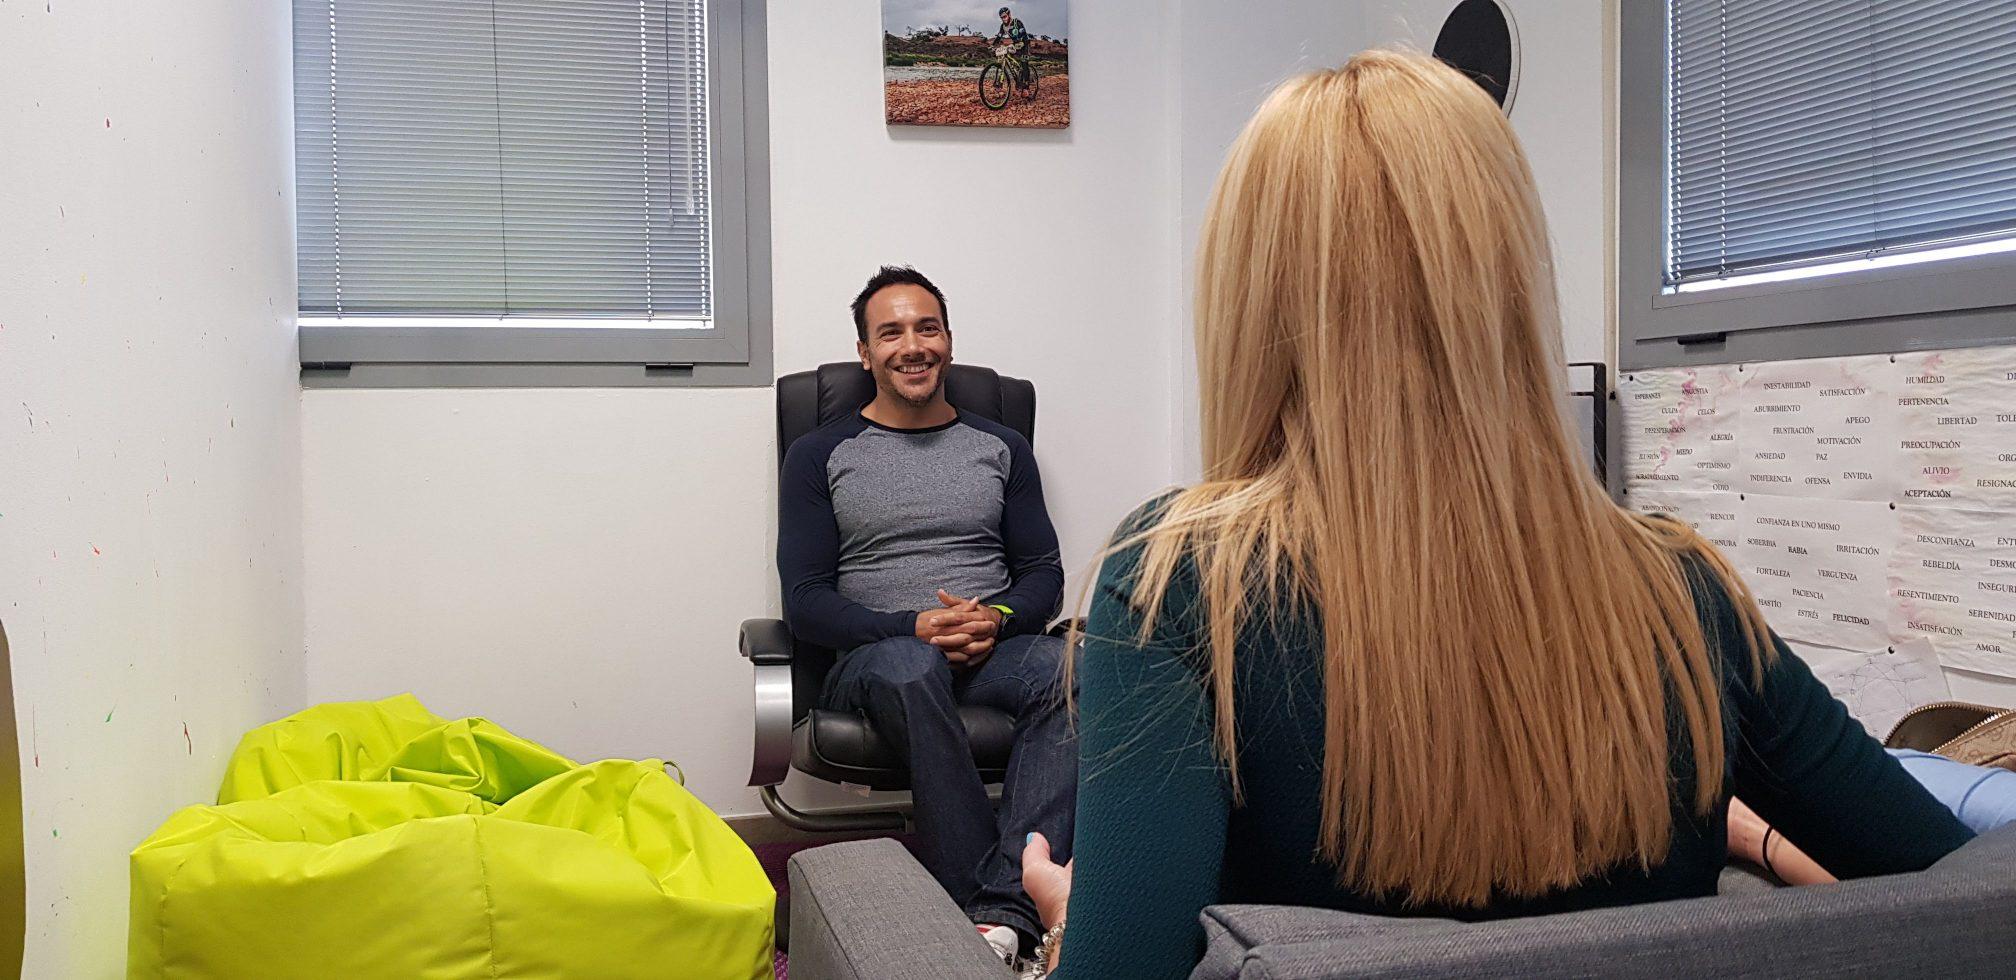 consulta de terapia gestalt y crecimiento personal en sevilla de David Garrido Díaz